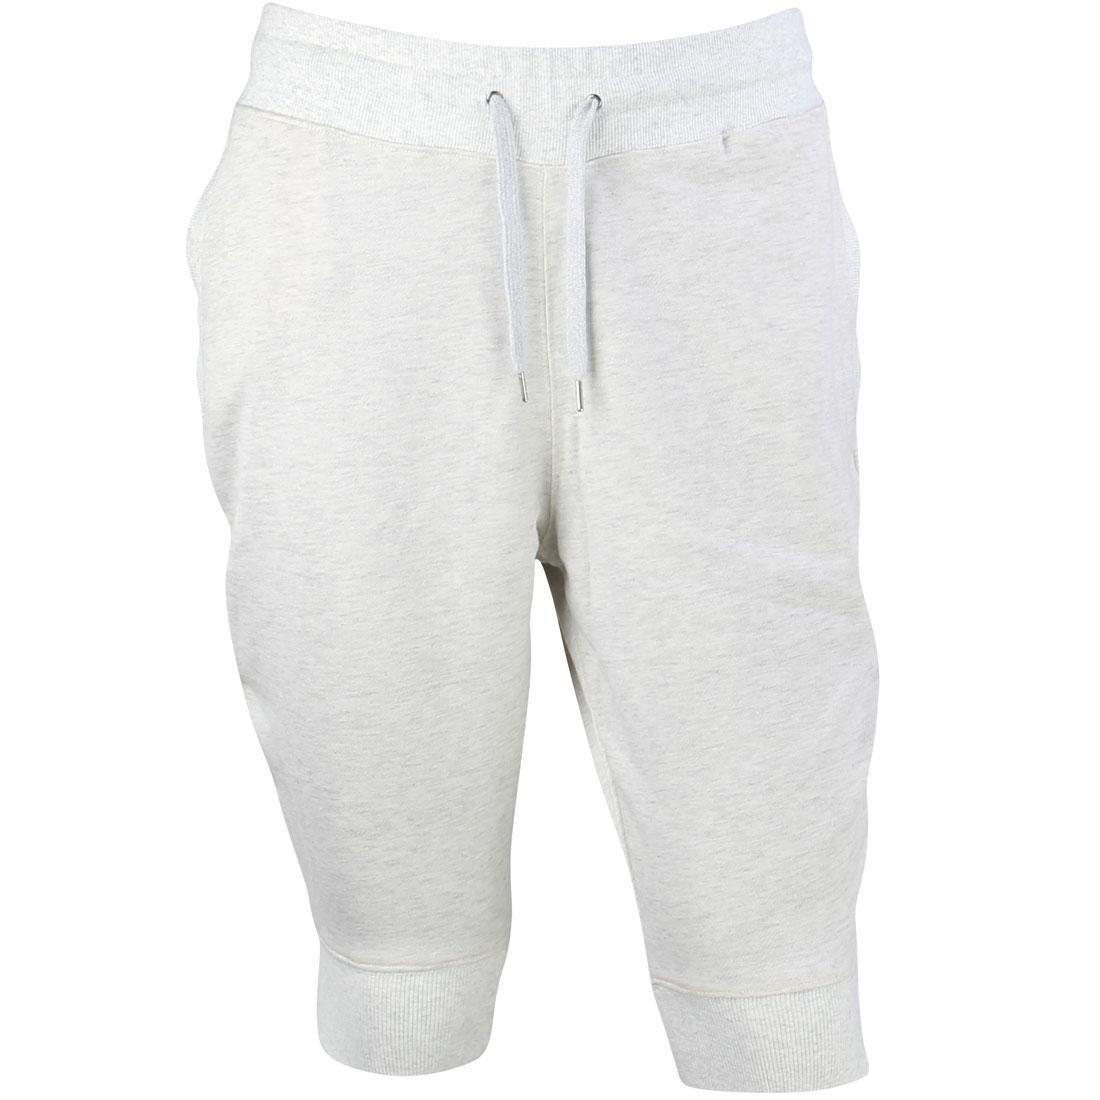 ヘザー 砂色 サンド 【 HEATHER UNYFORME MEN HAMILTON 3 4 PANTS SAND OATMEAL 】 メンズファッション ズボン パンツ